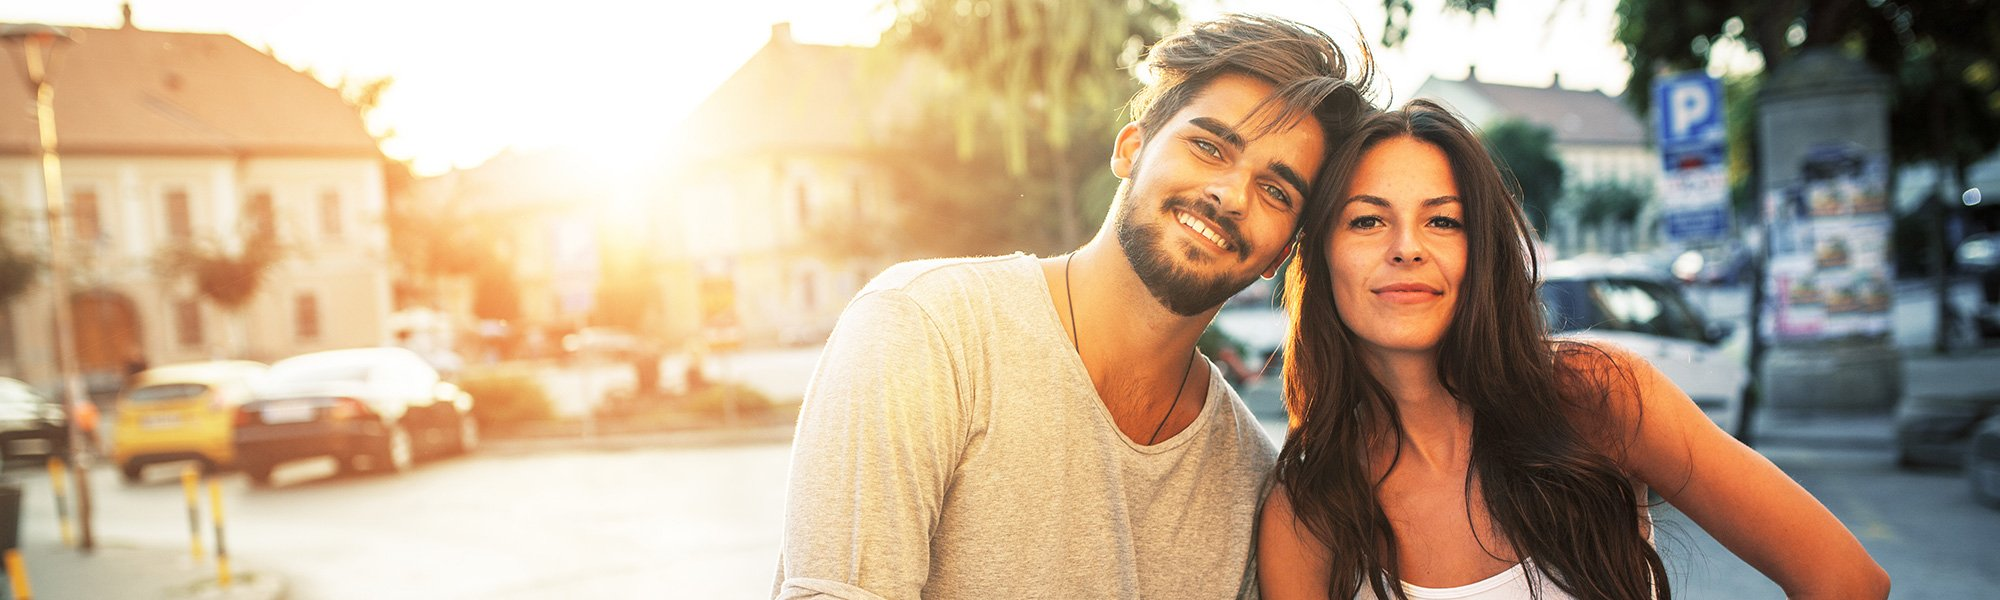 15-Jähriger datiert Dating-Apps